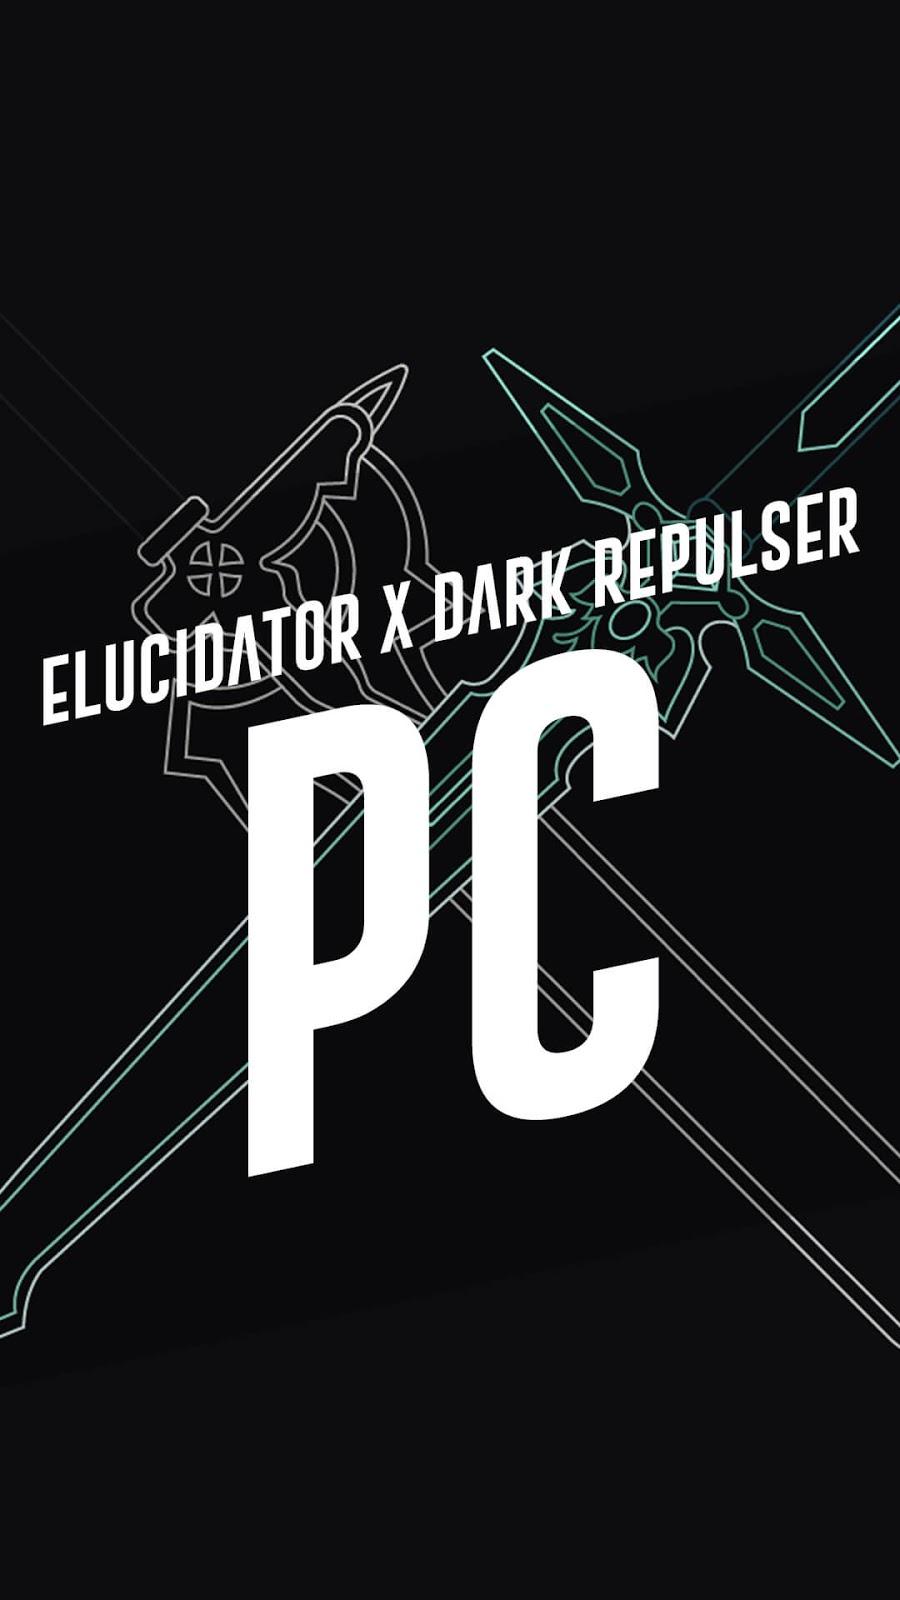 PC Elucidator X Dark Repulser